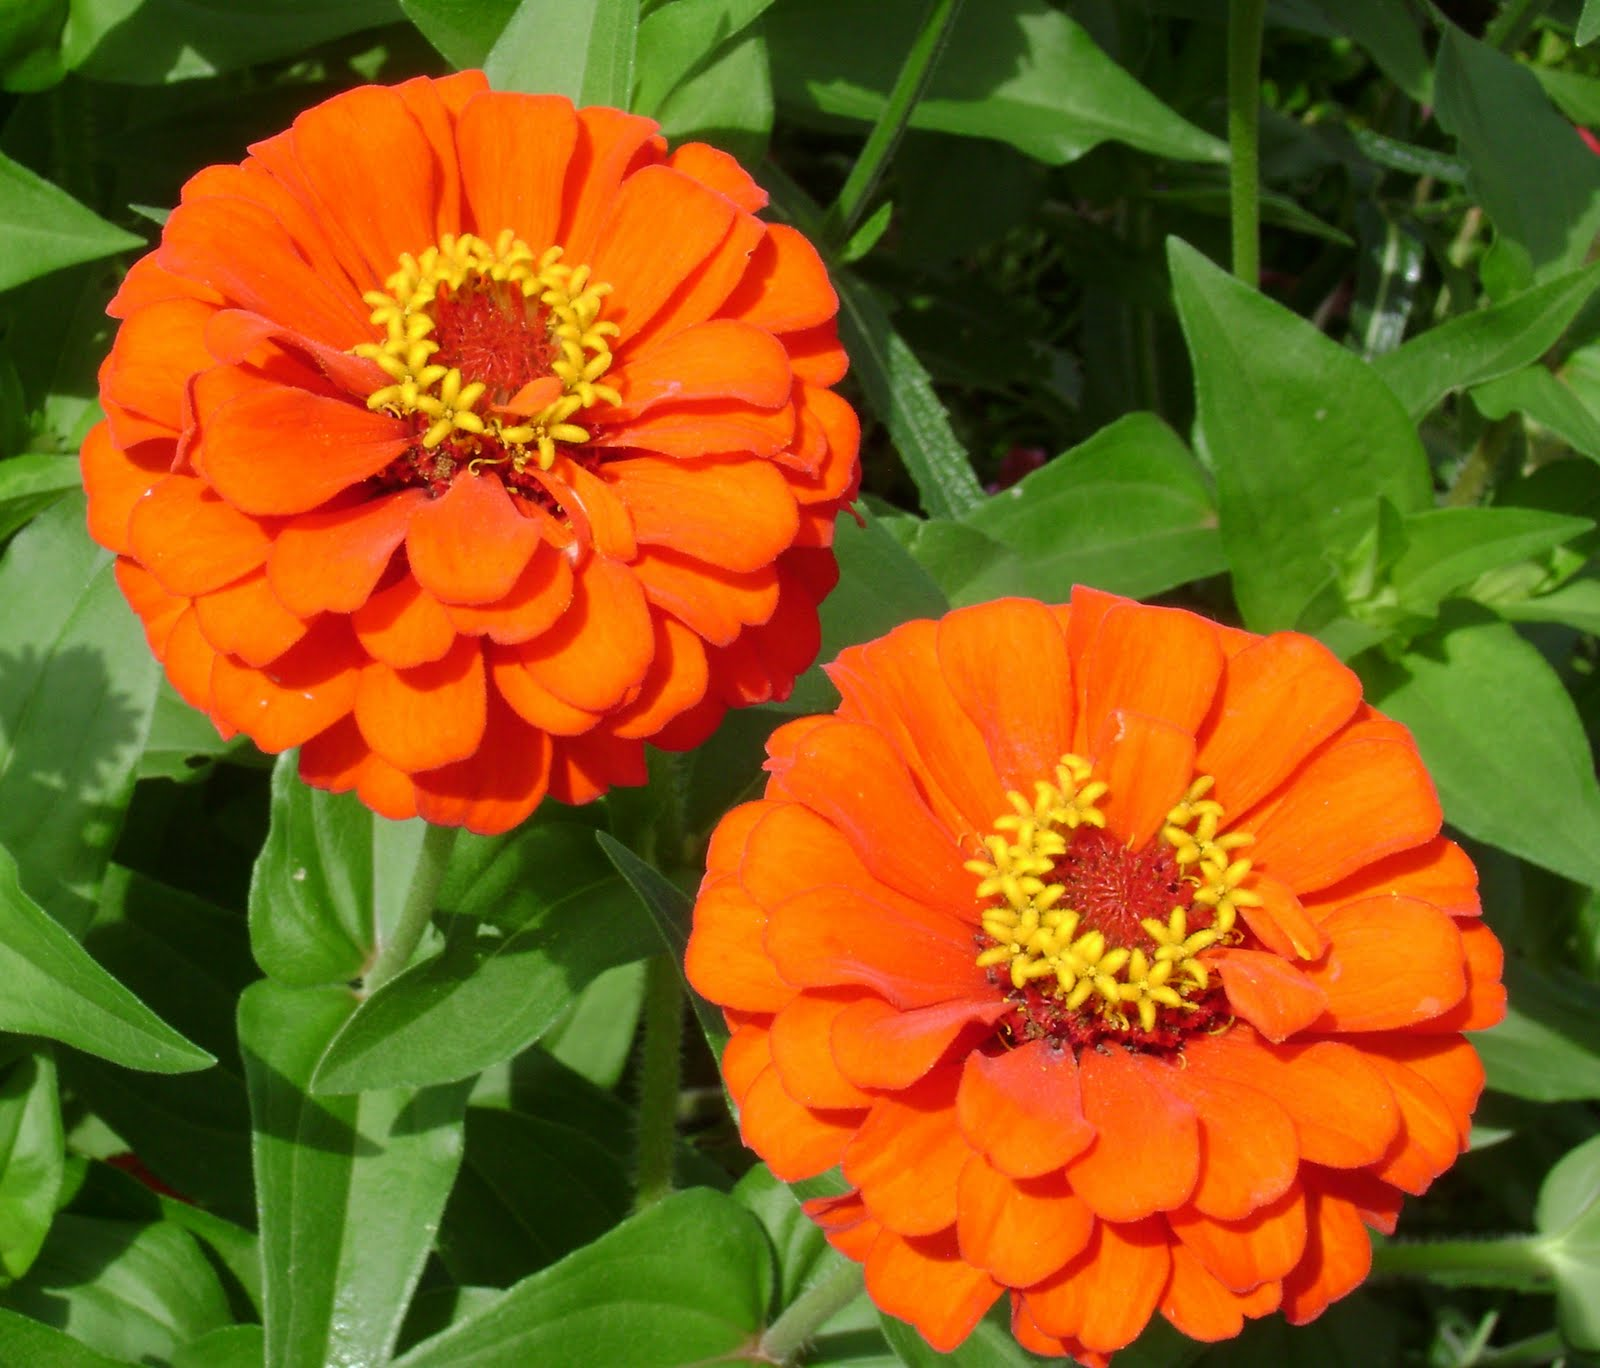 Fiori Arancioni.Linguaggio Dei Fiori Di Colore Arancione Il Giardino Del Tempo